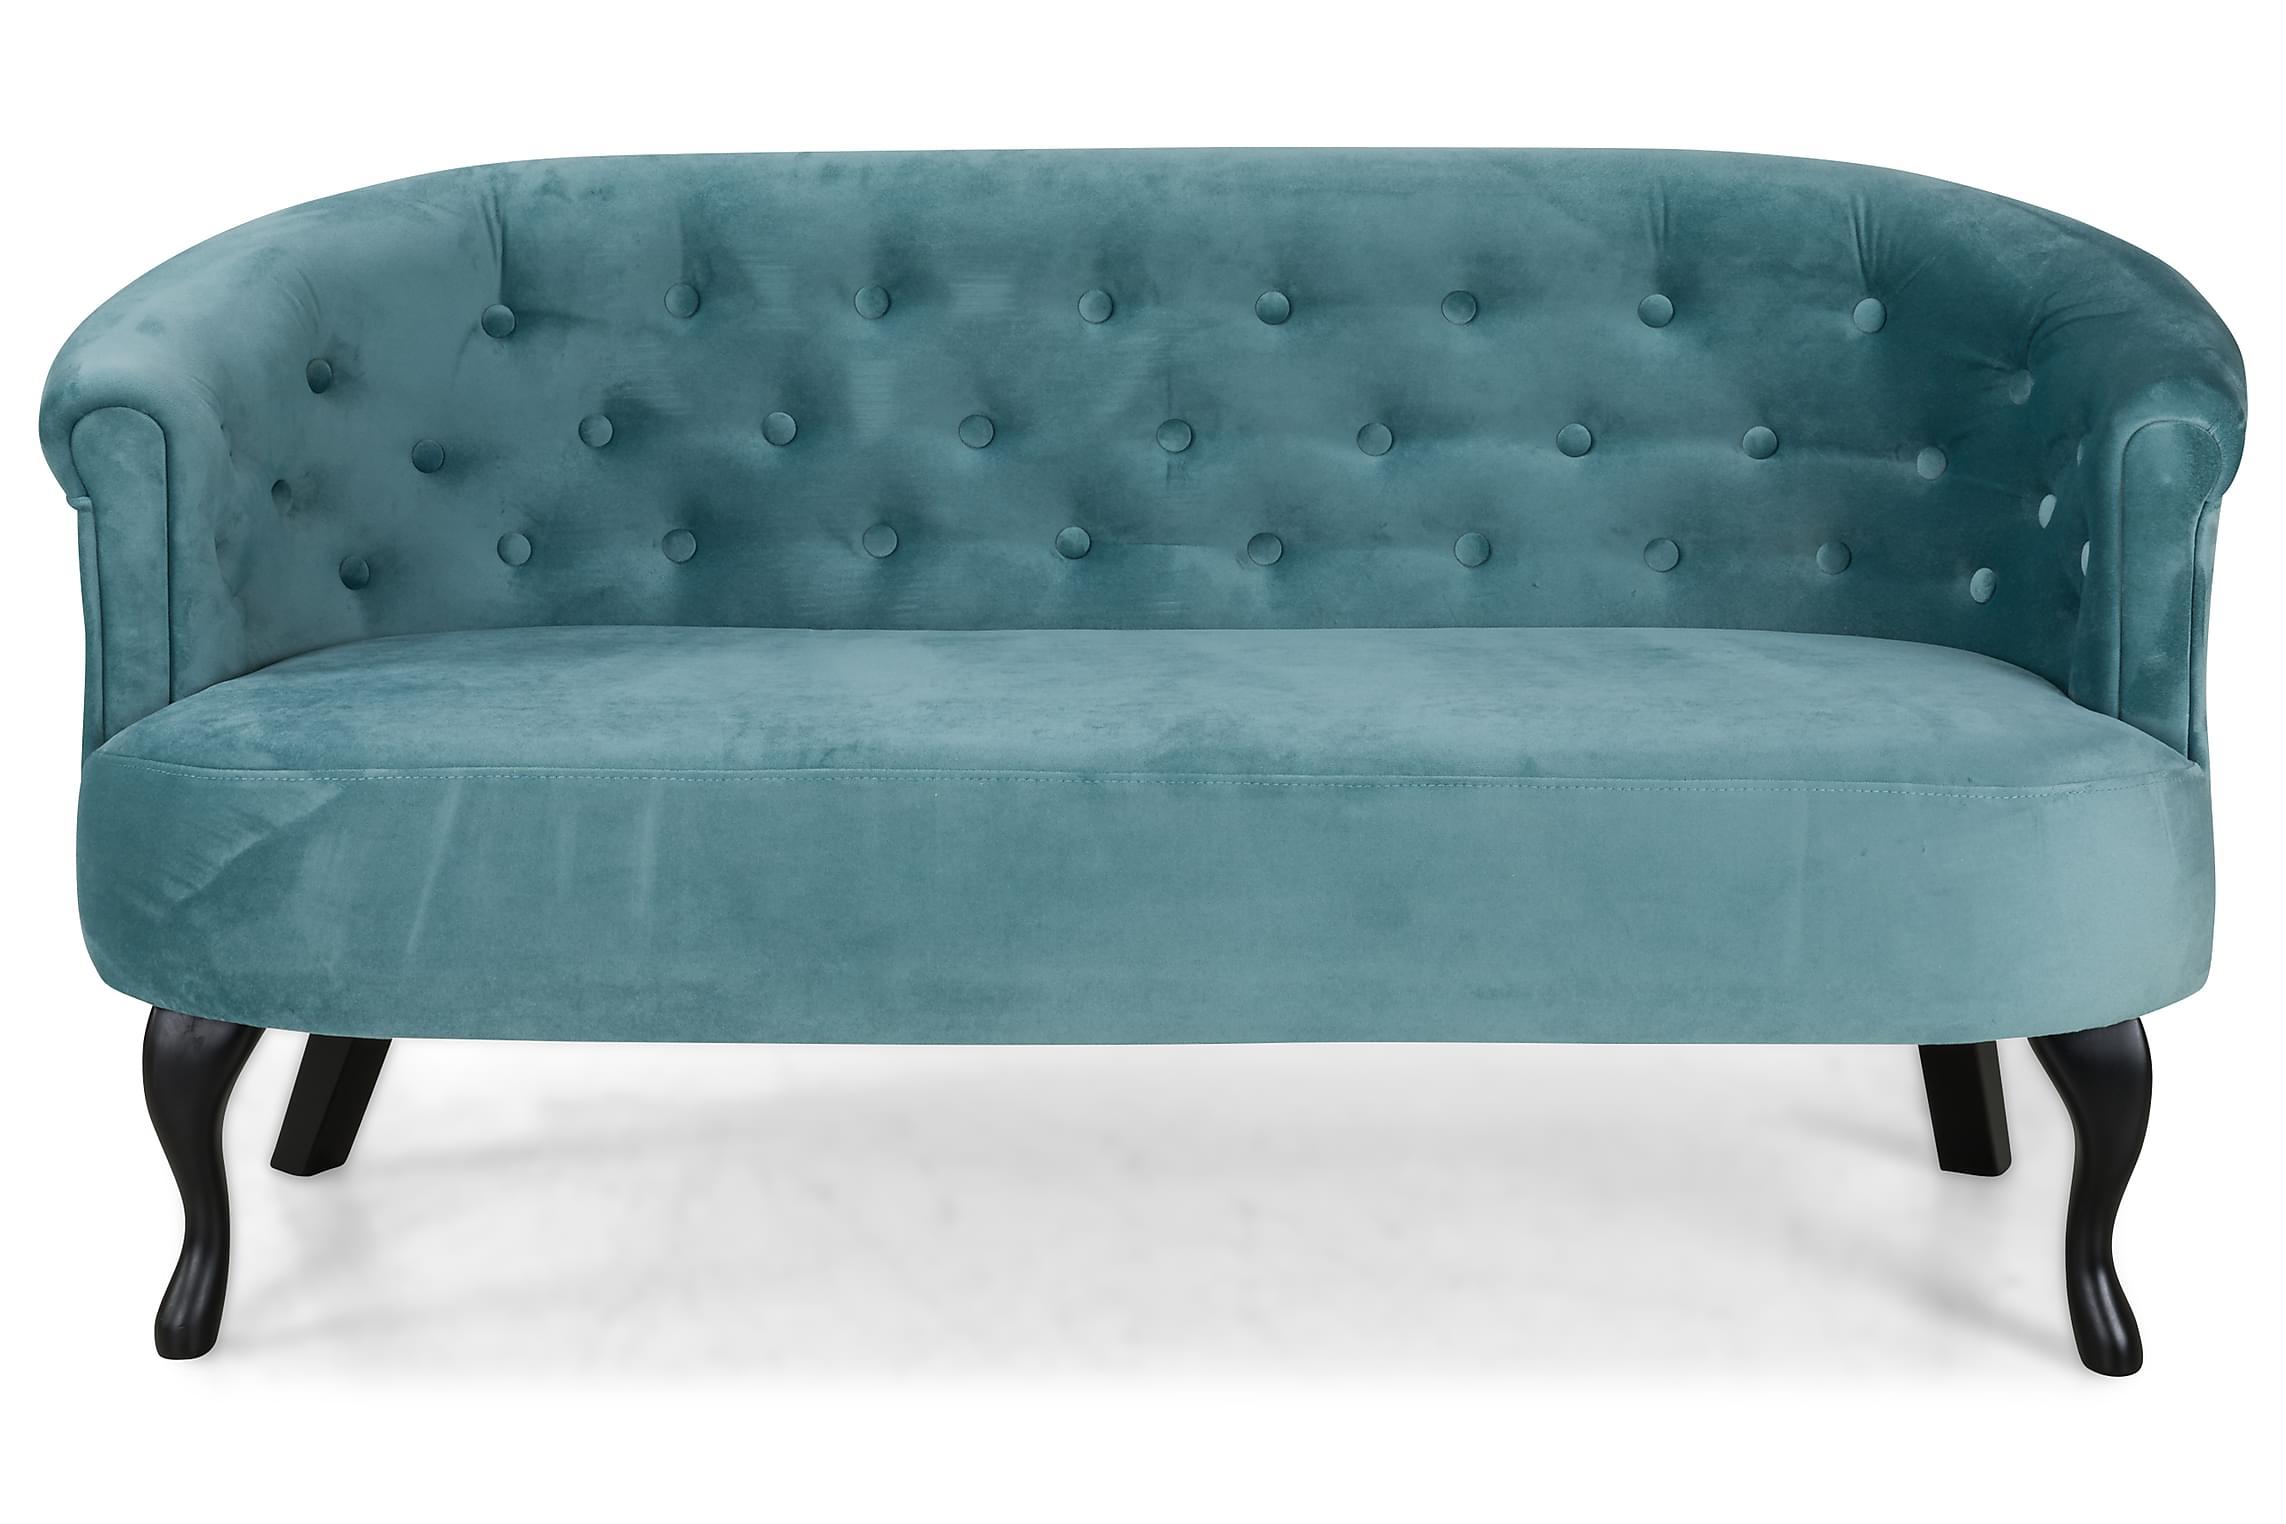 09d47dce ... Fløyel - Møbler - Sofaer - 2-4-seters sofa. Levering - Sendes normalt i  løpet av 6-8 uker.